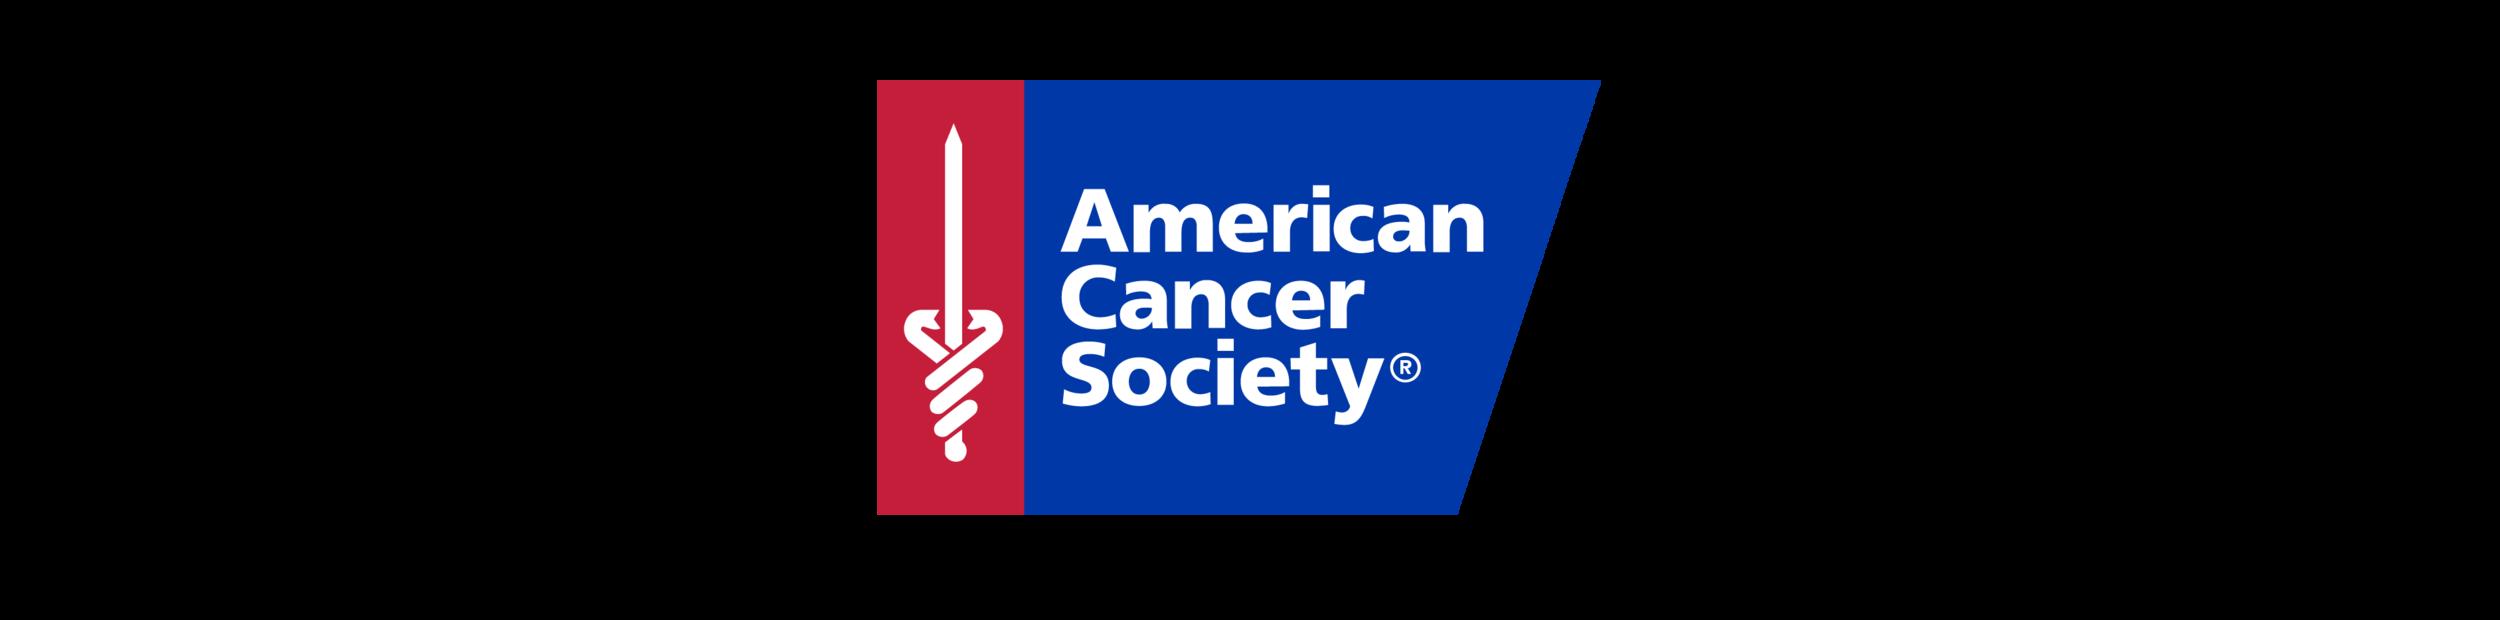 americanCancer Society-bw.jpg